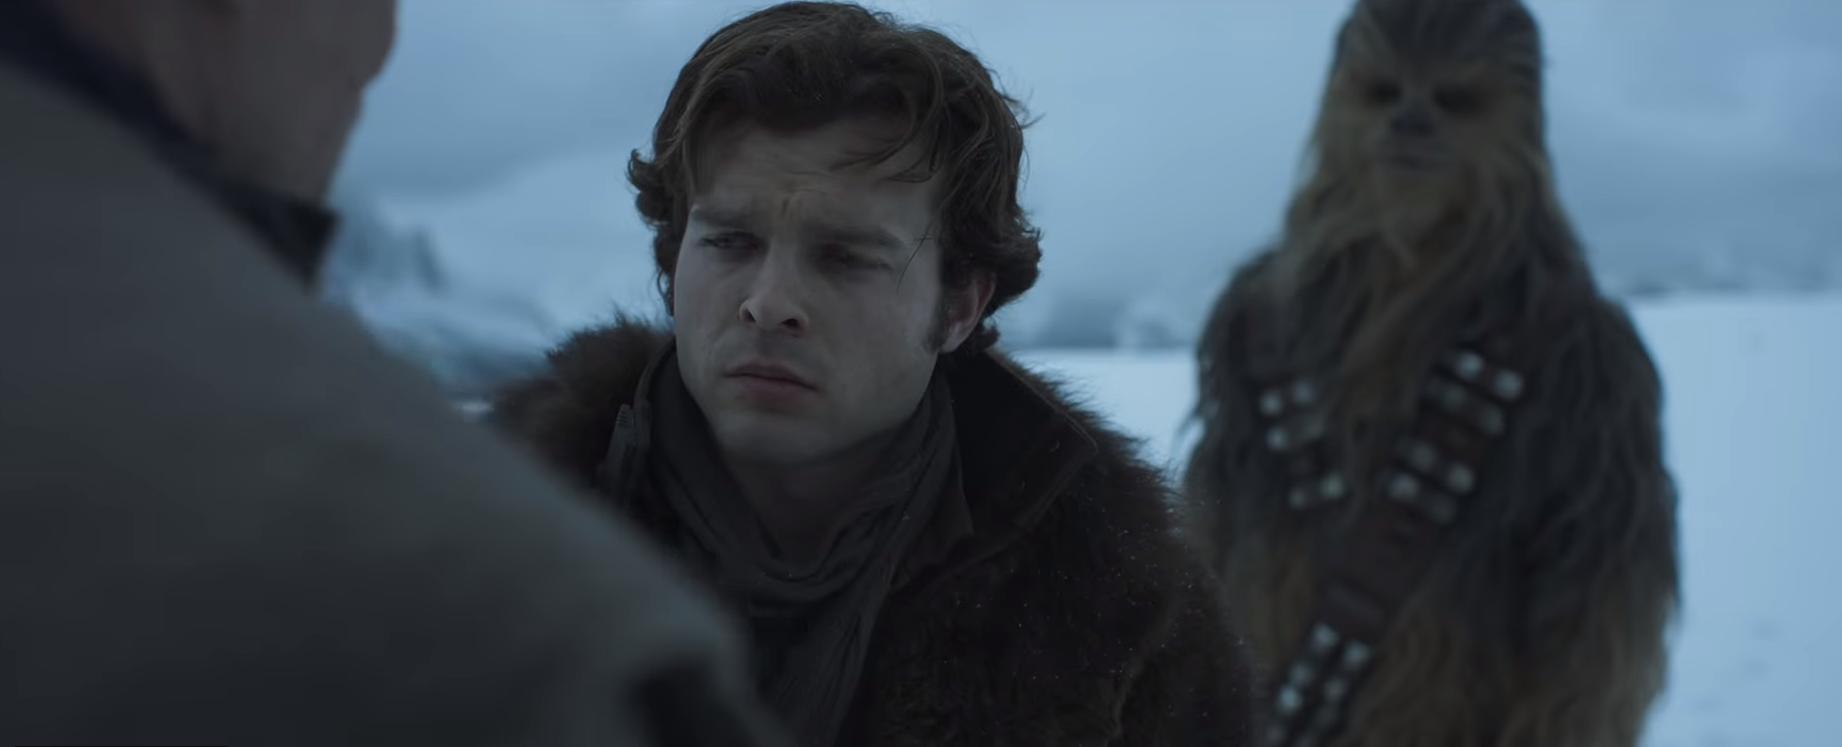 Han Solo: Uma história Star Wars ganha segundo trailer eletrizante e cheio de aventuras; assista!